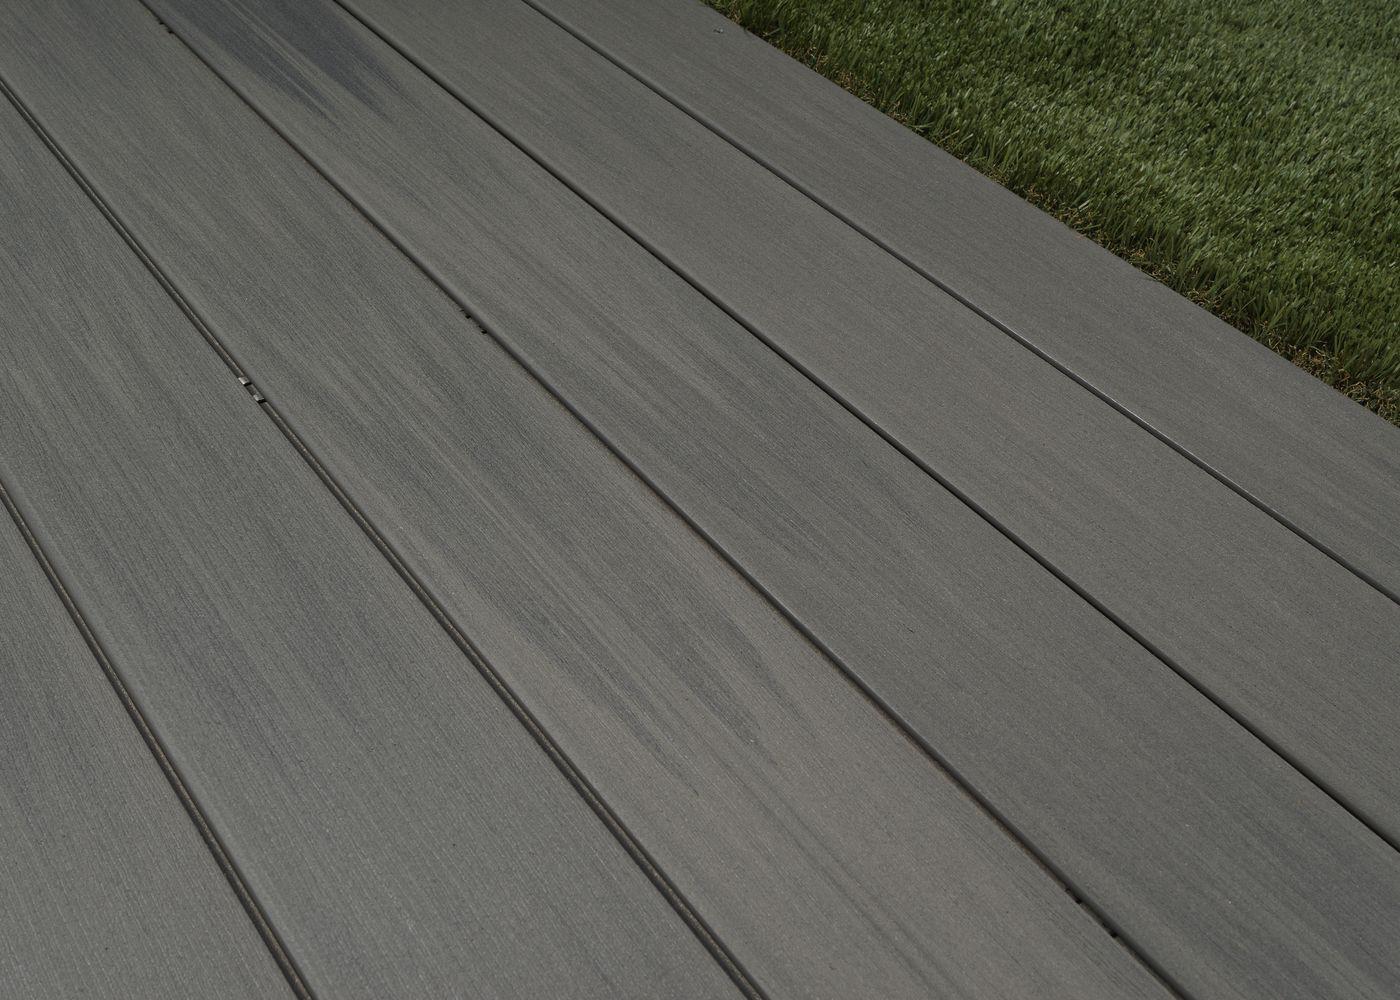 Lame De Terrasse Bois Composite Co Extrudé Brossé PEFC Gris Cayenne  23x138x4000